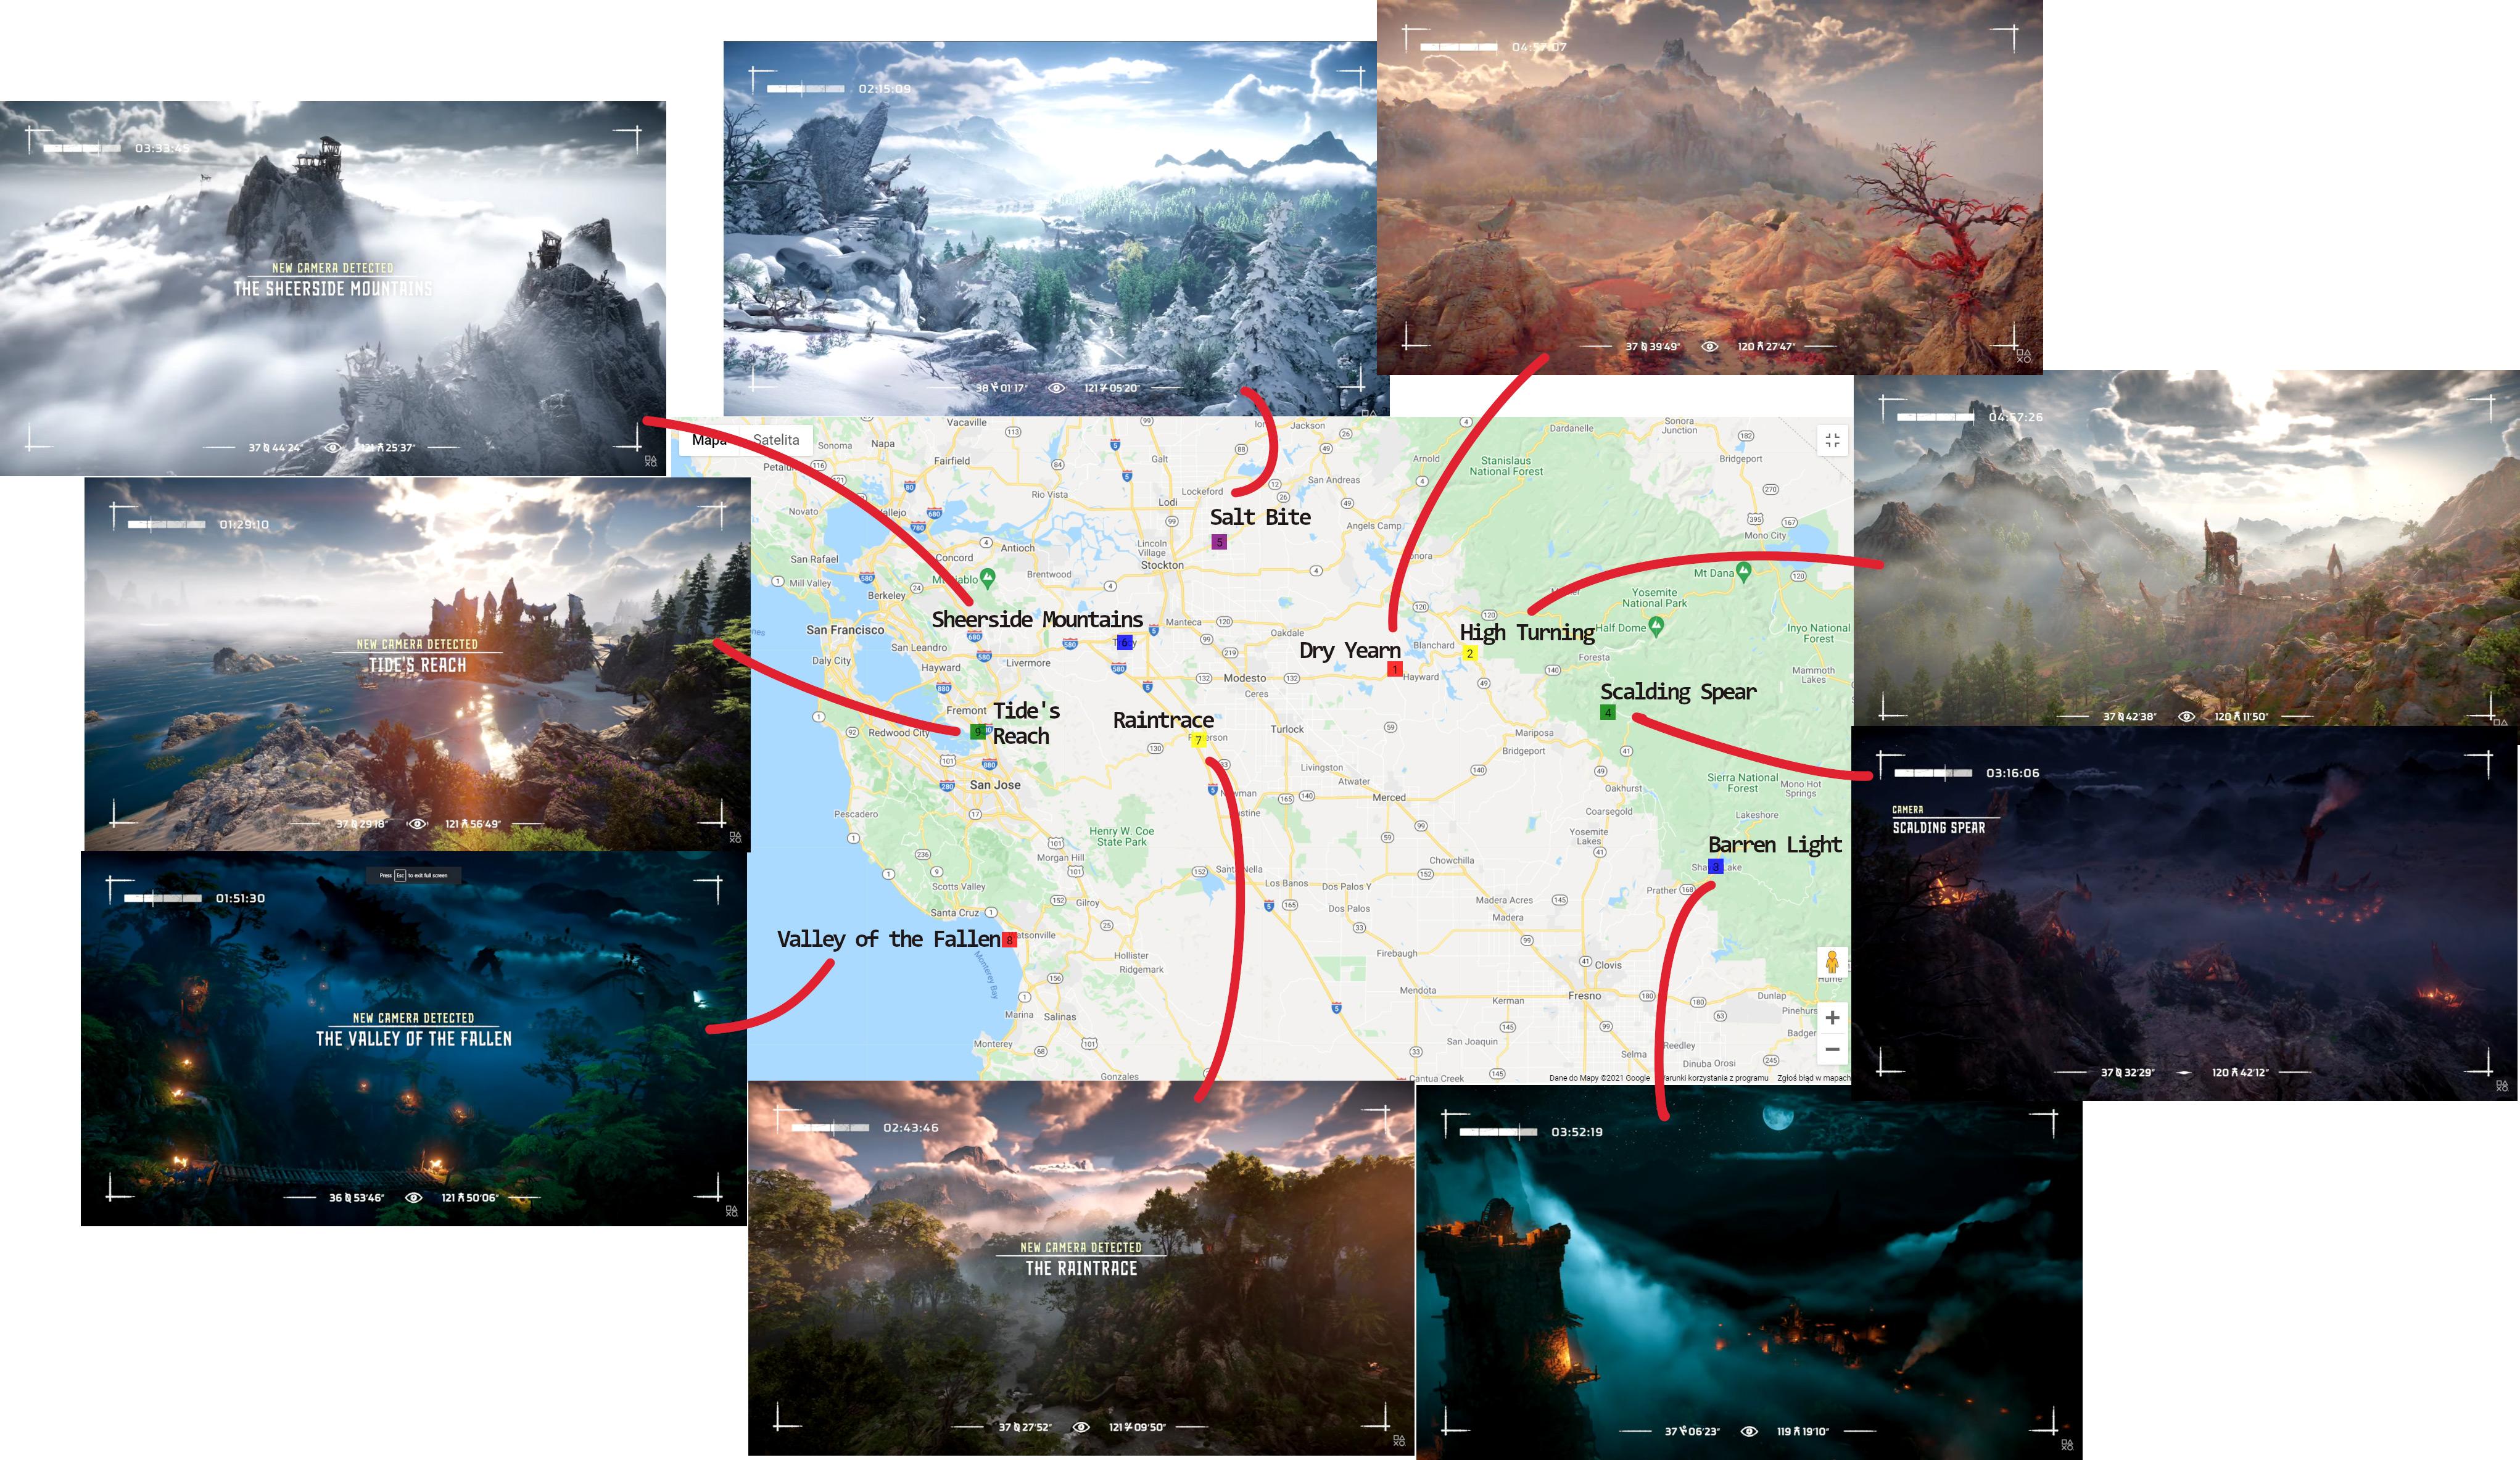 Геймеры нашли реальные локации из геймплея Horizon Forbidden West